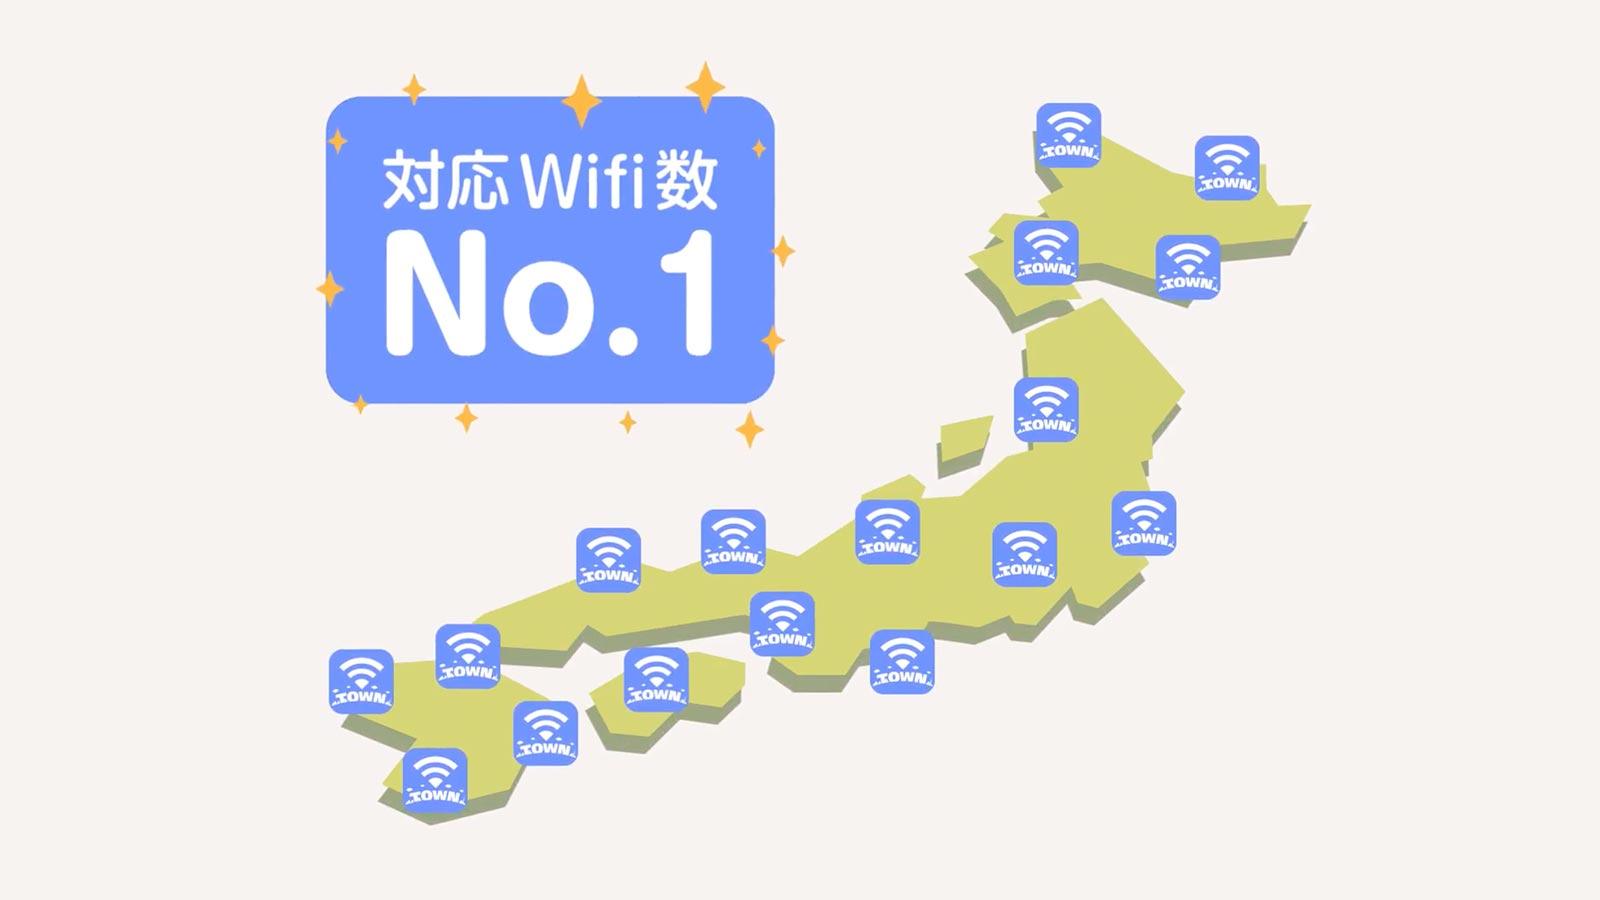 対応Wi-Fi数No.1